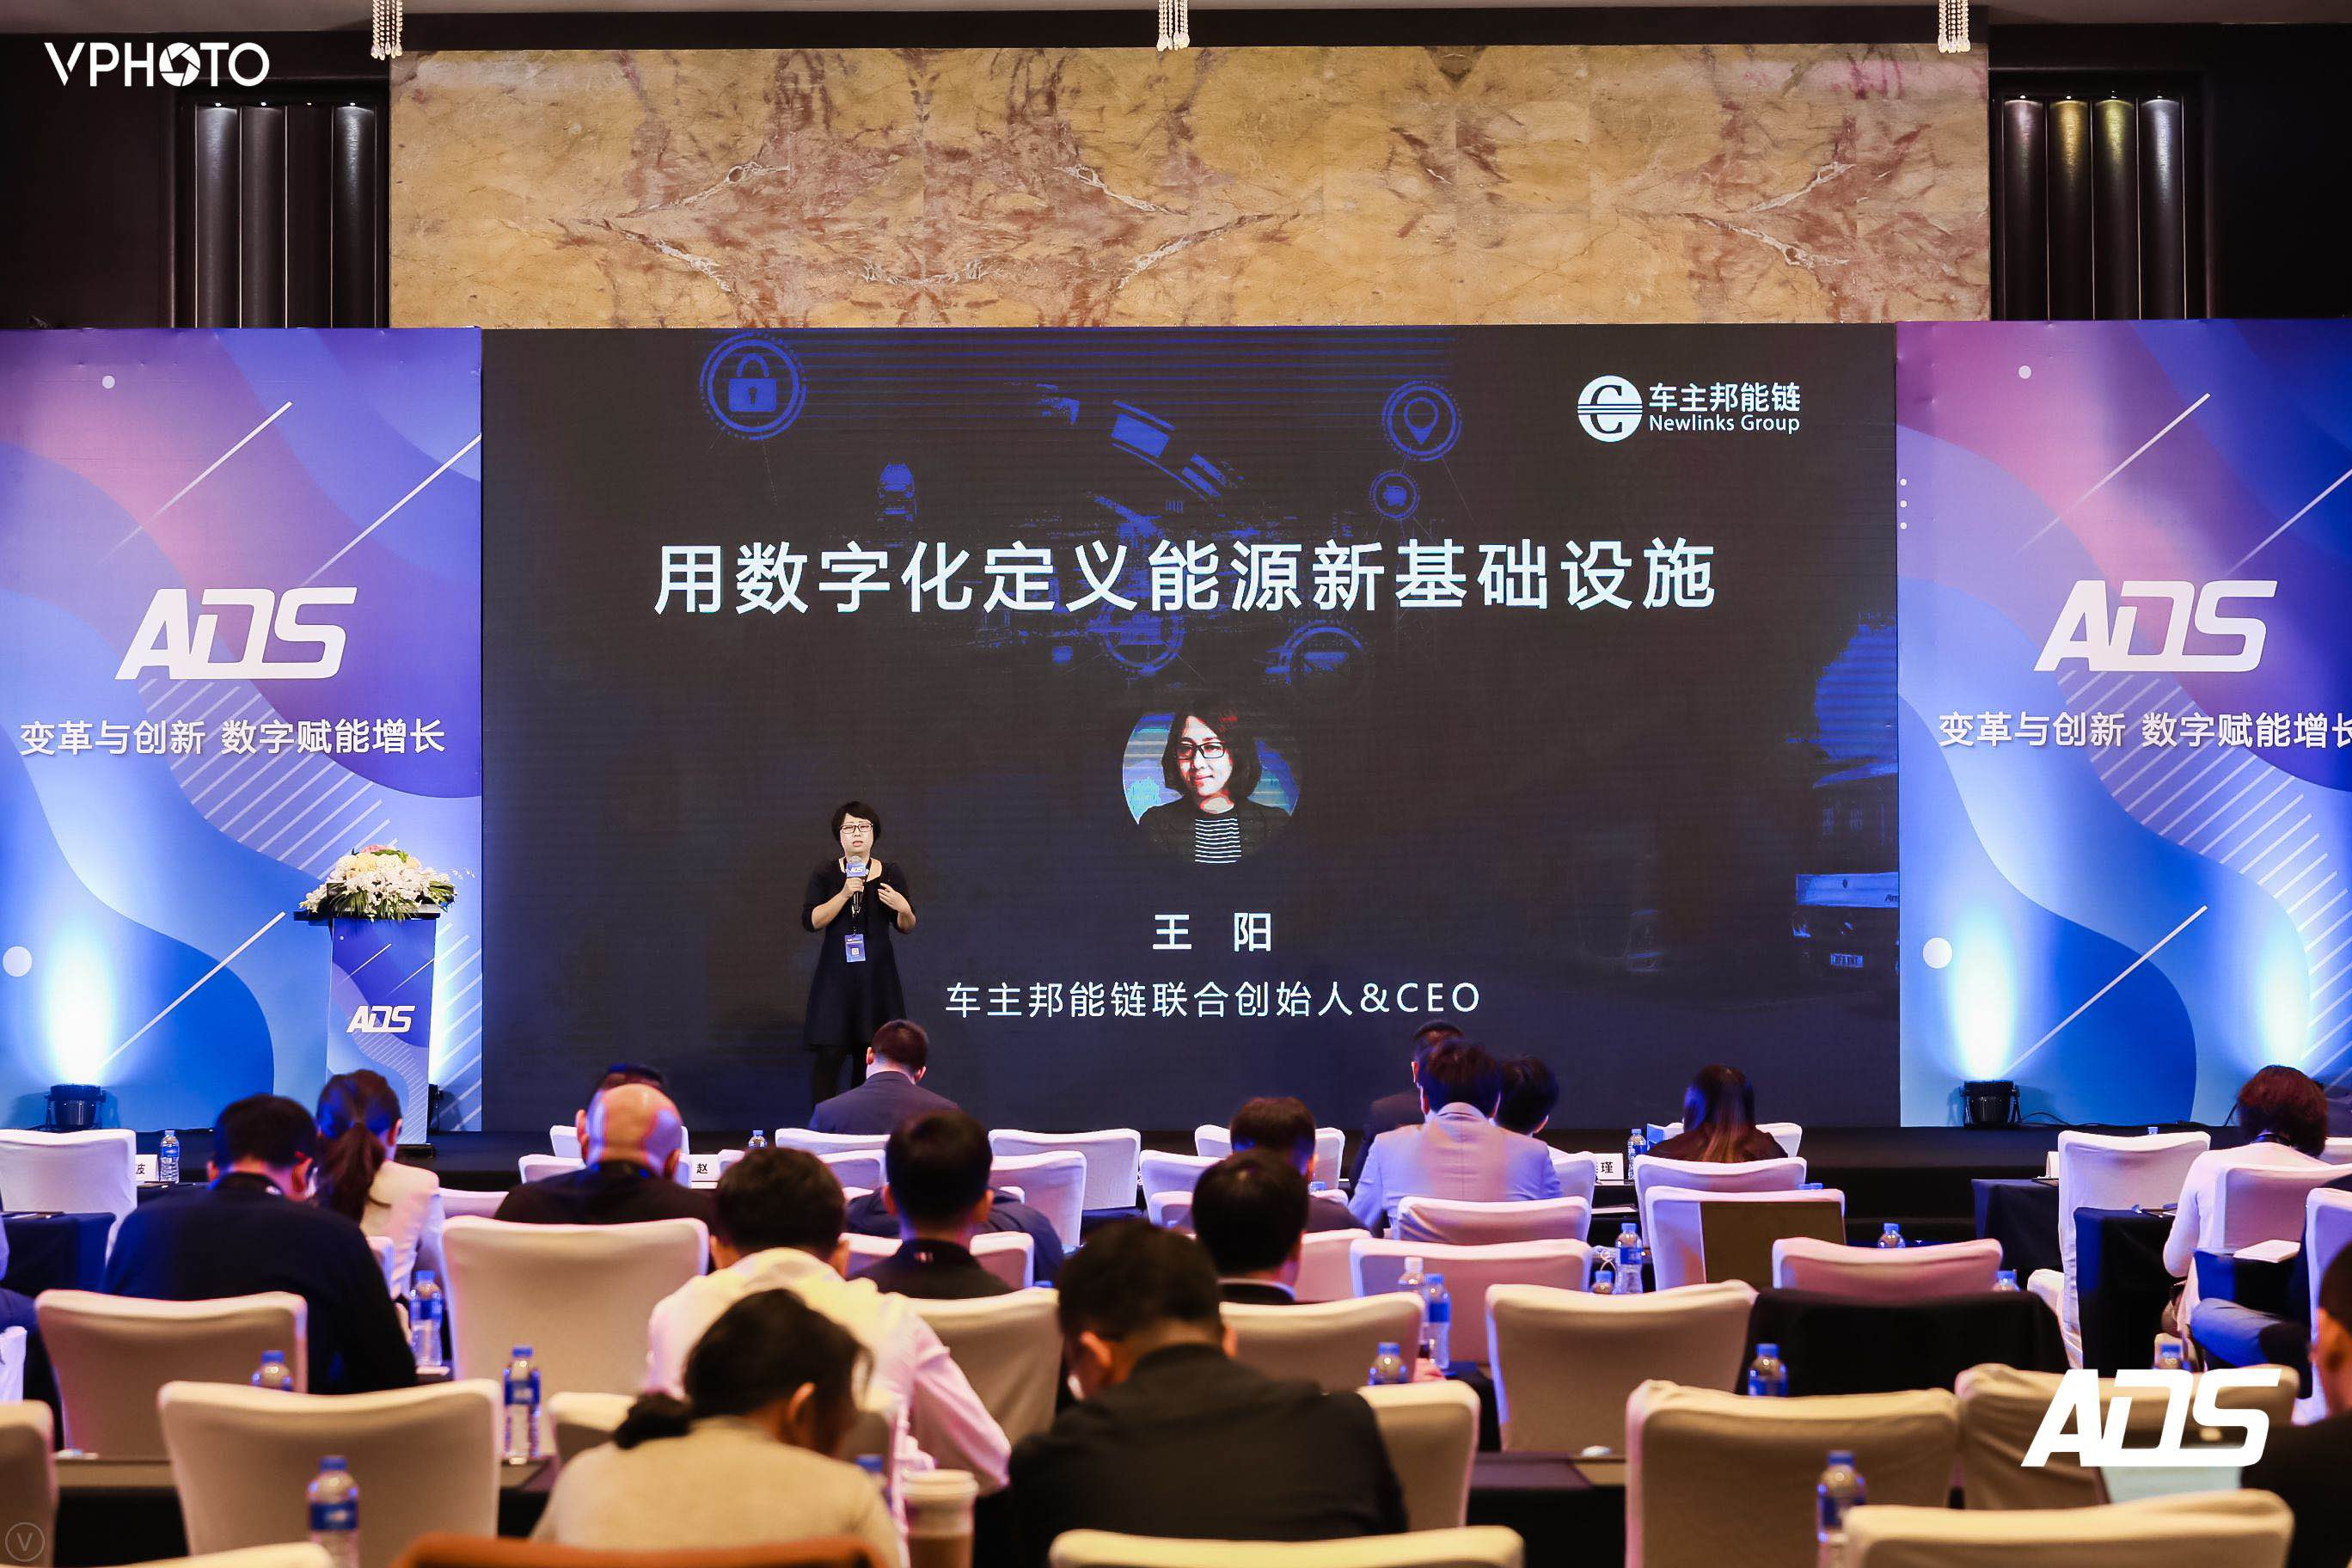 车主邦联创兼CEO王阳出席ADS汽车行业数字化创新峰会并讲话